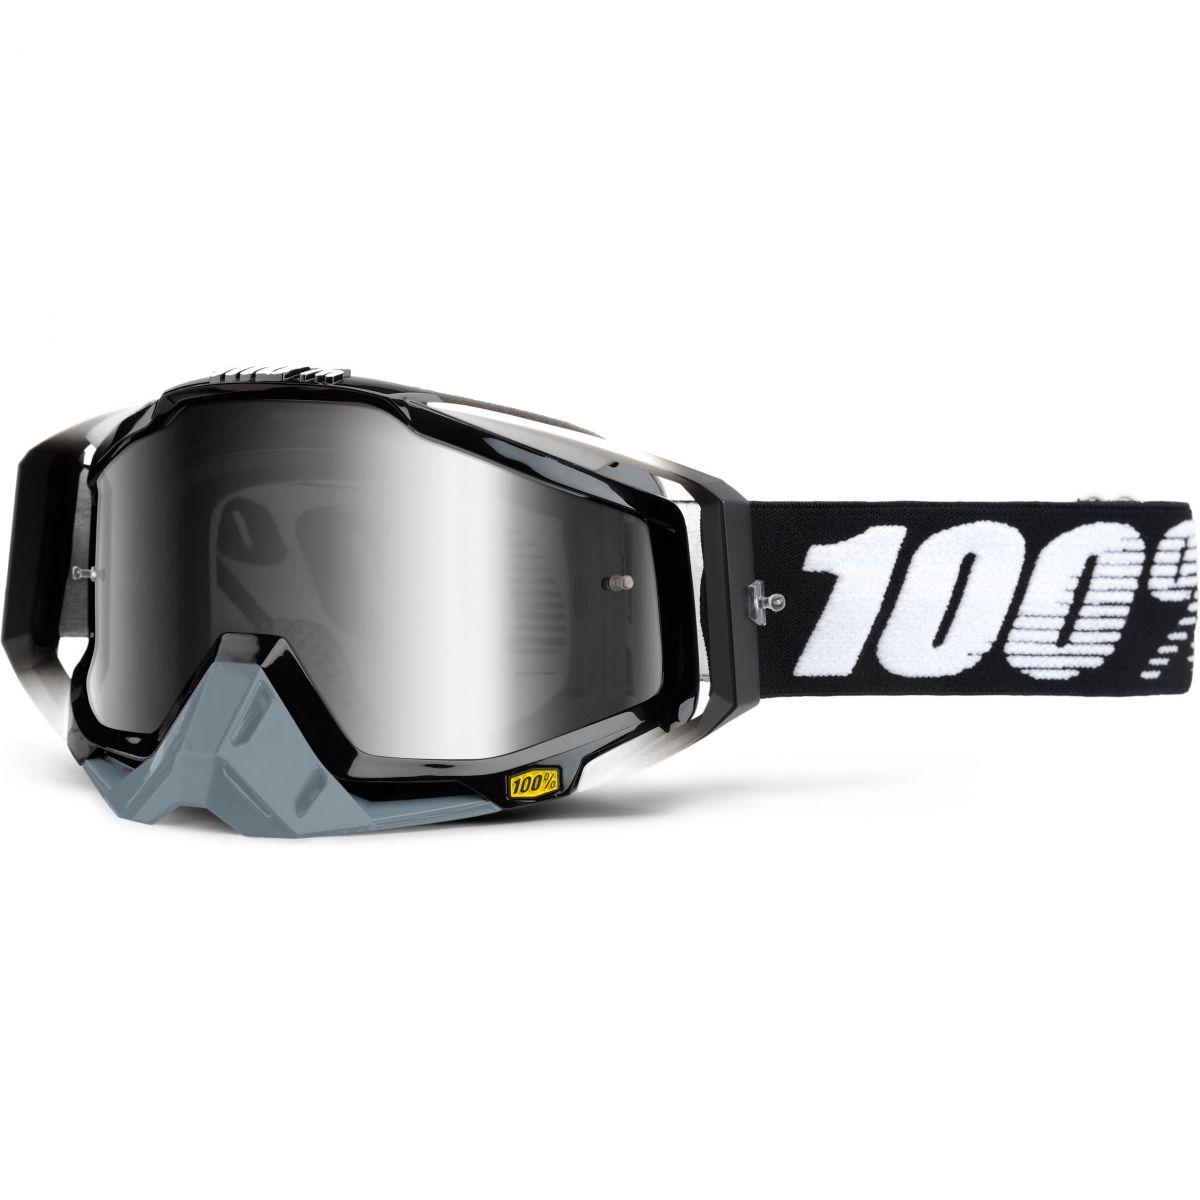 100% - Racecraft Abyss Black очки, линза зеркальная, серая